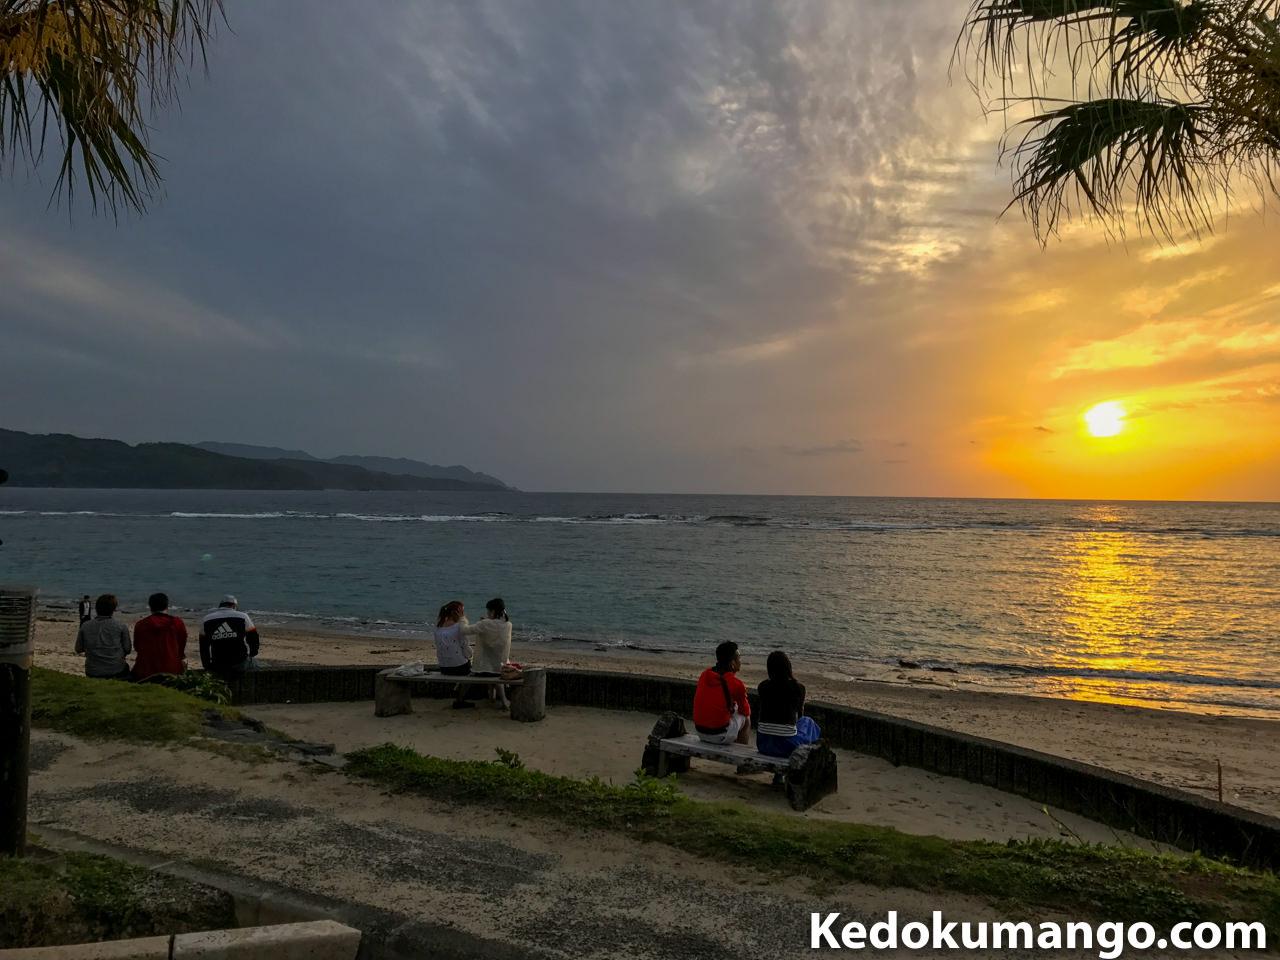 大浜海岸で夕陽を眺める観光客